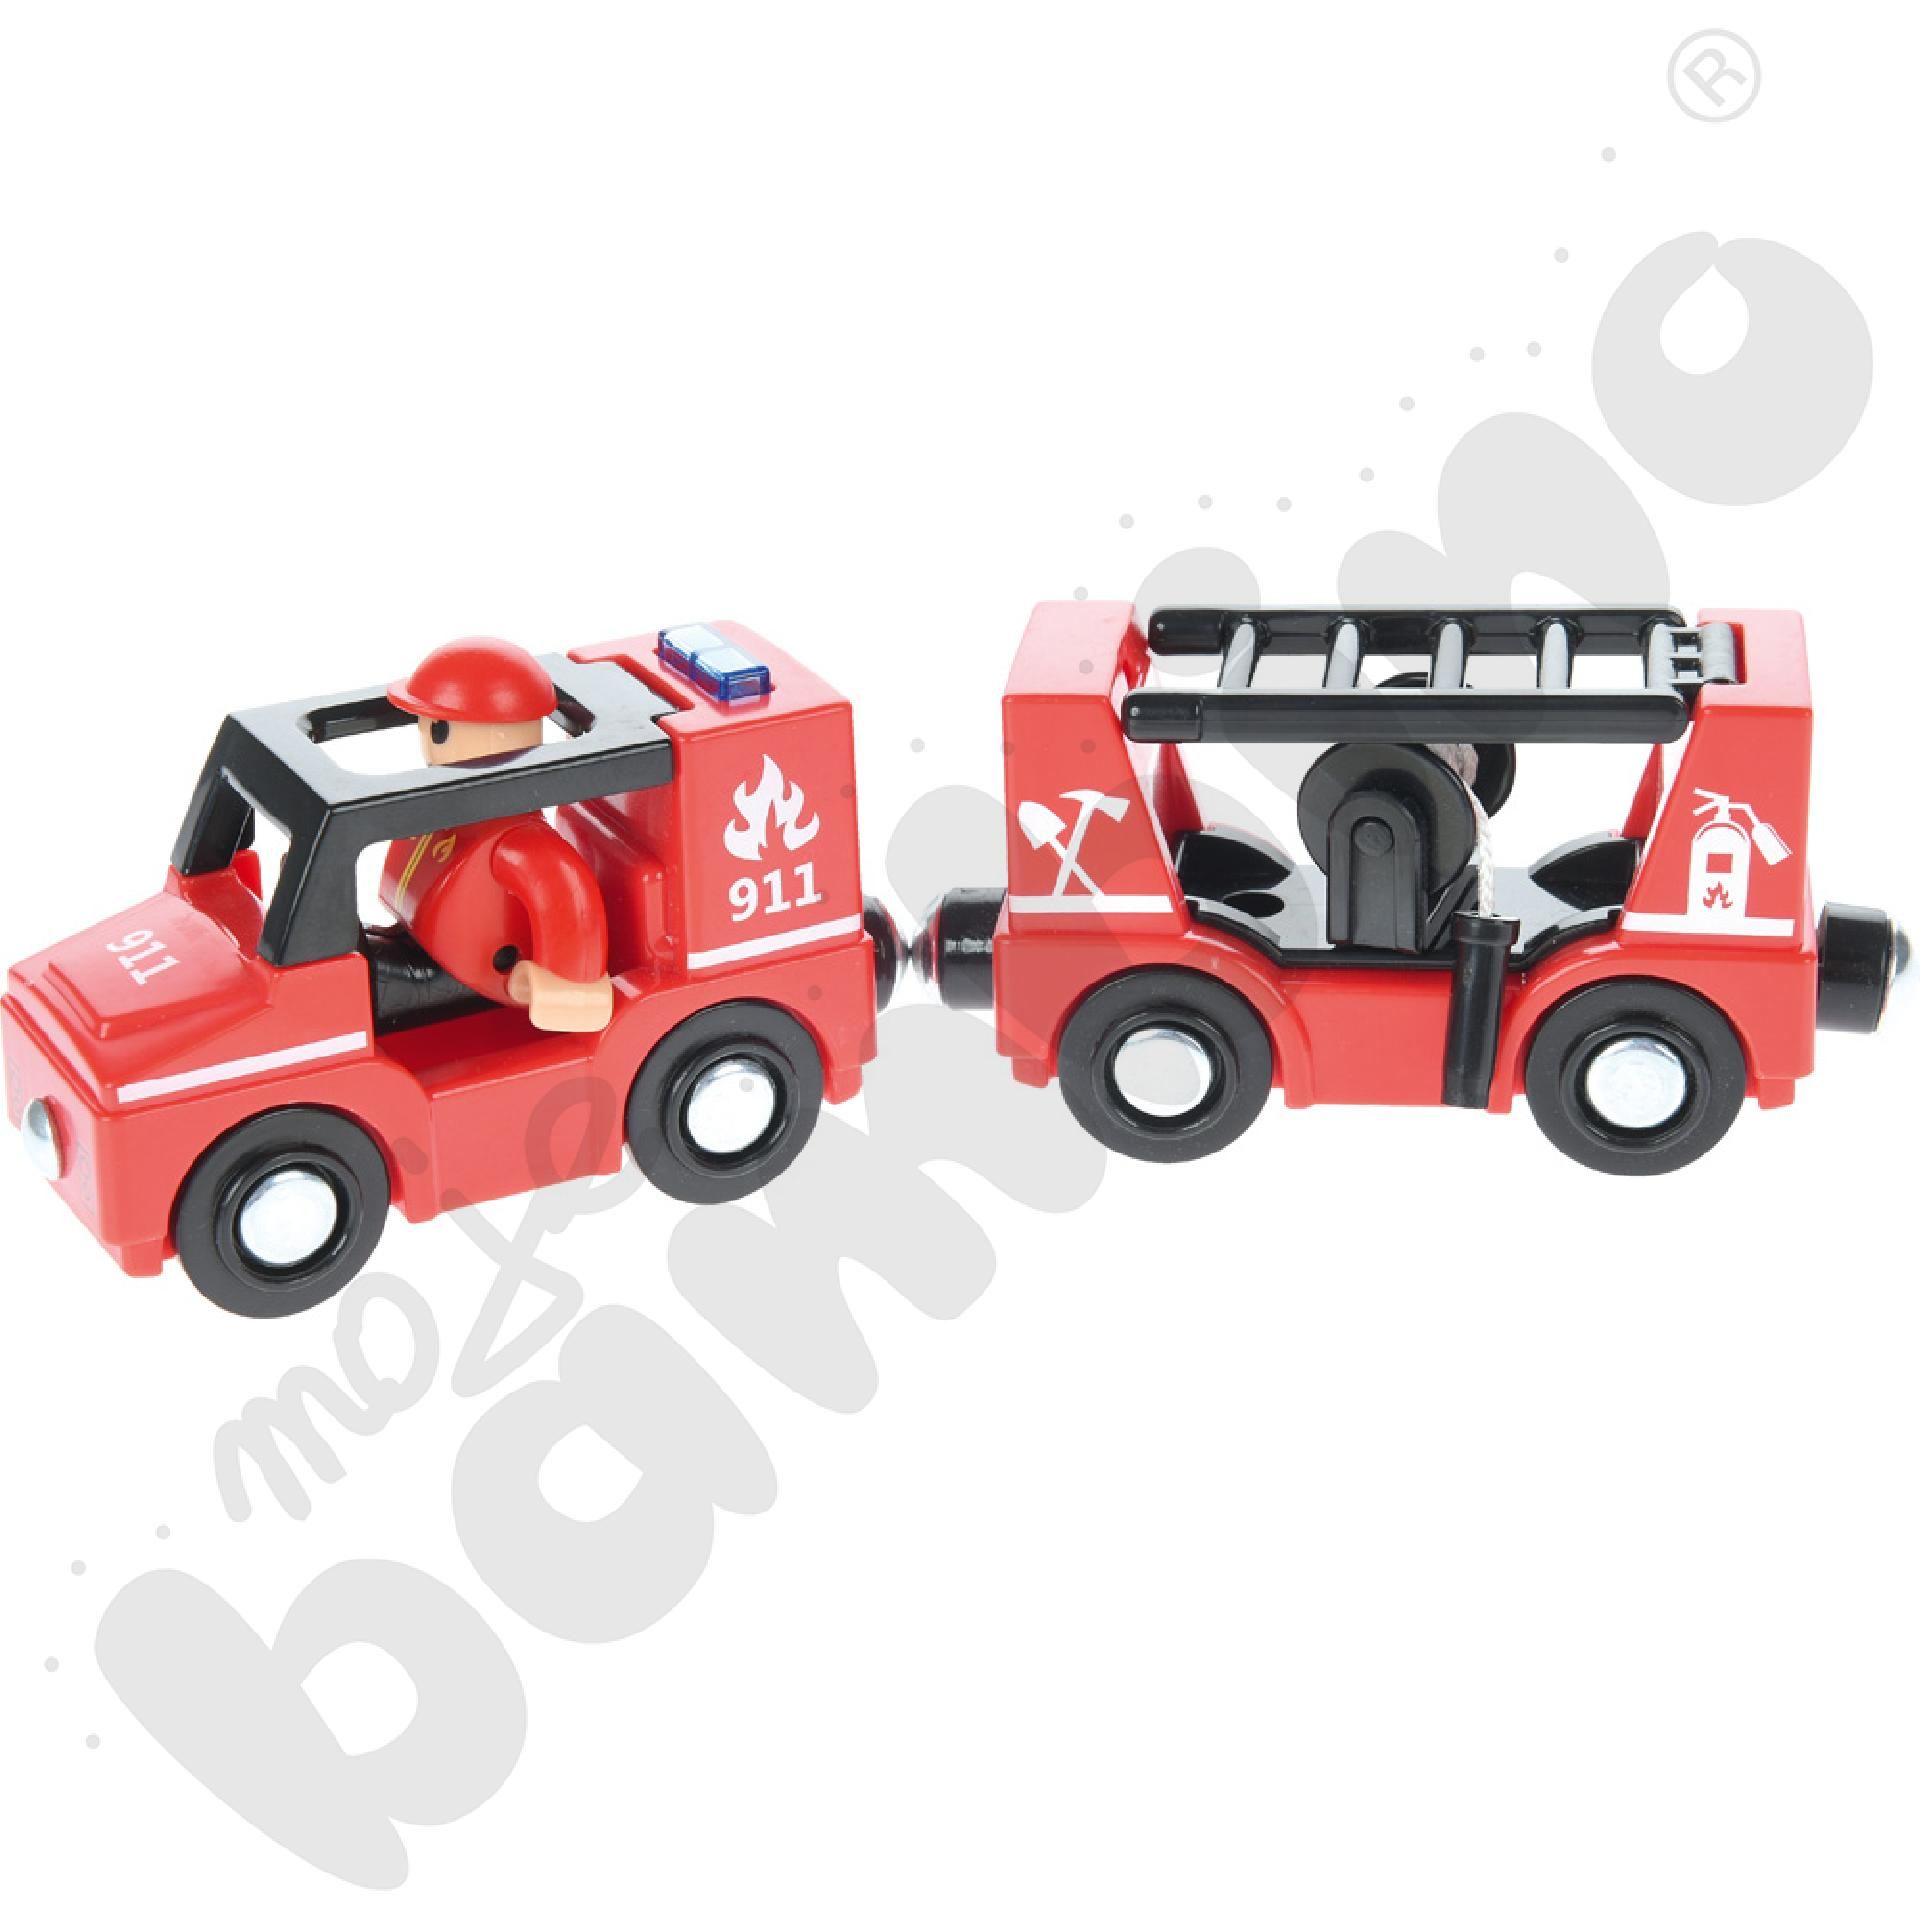 Wóz strażacki z dźwiękiem